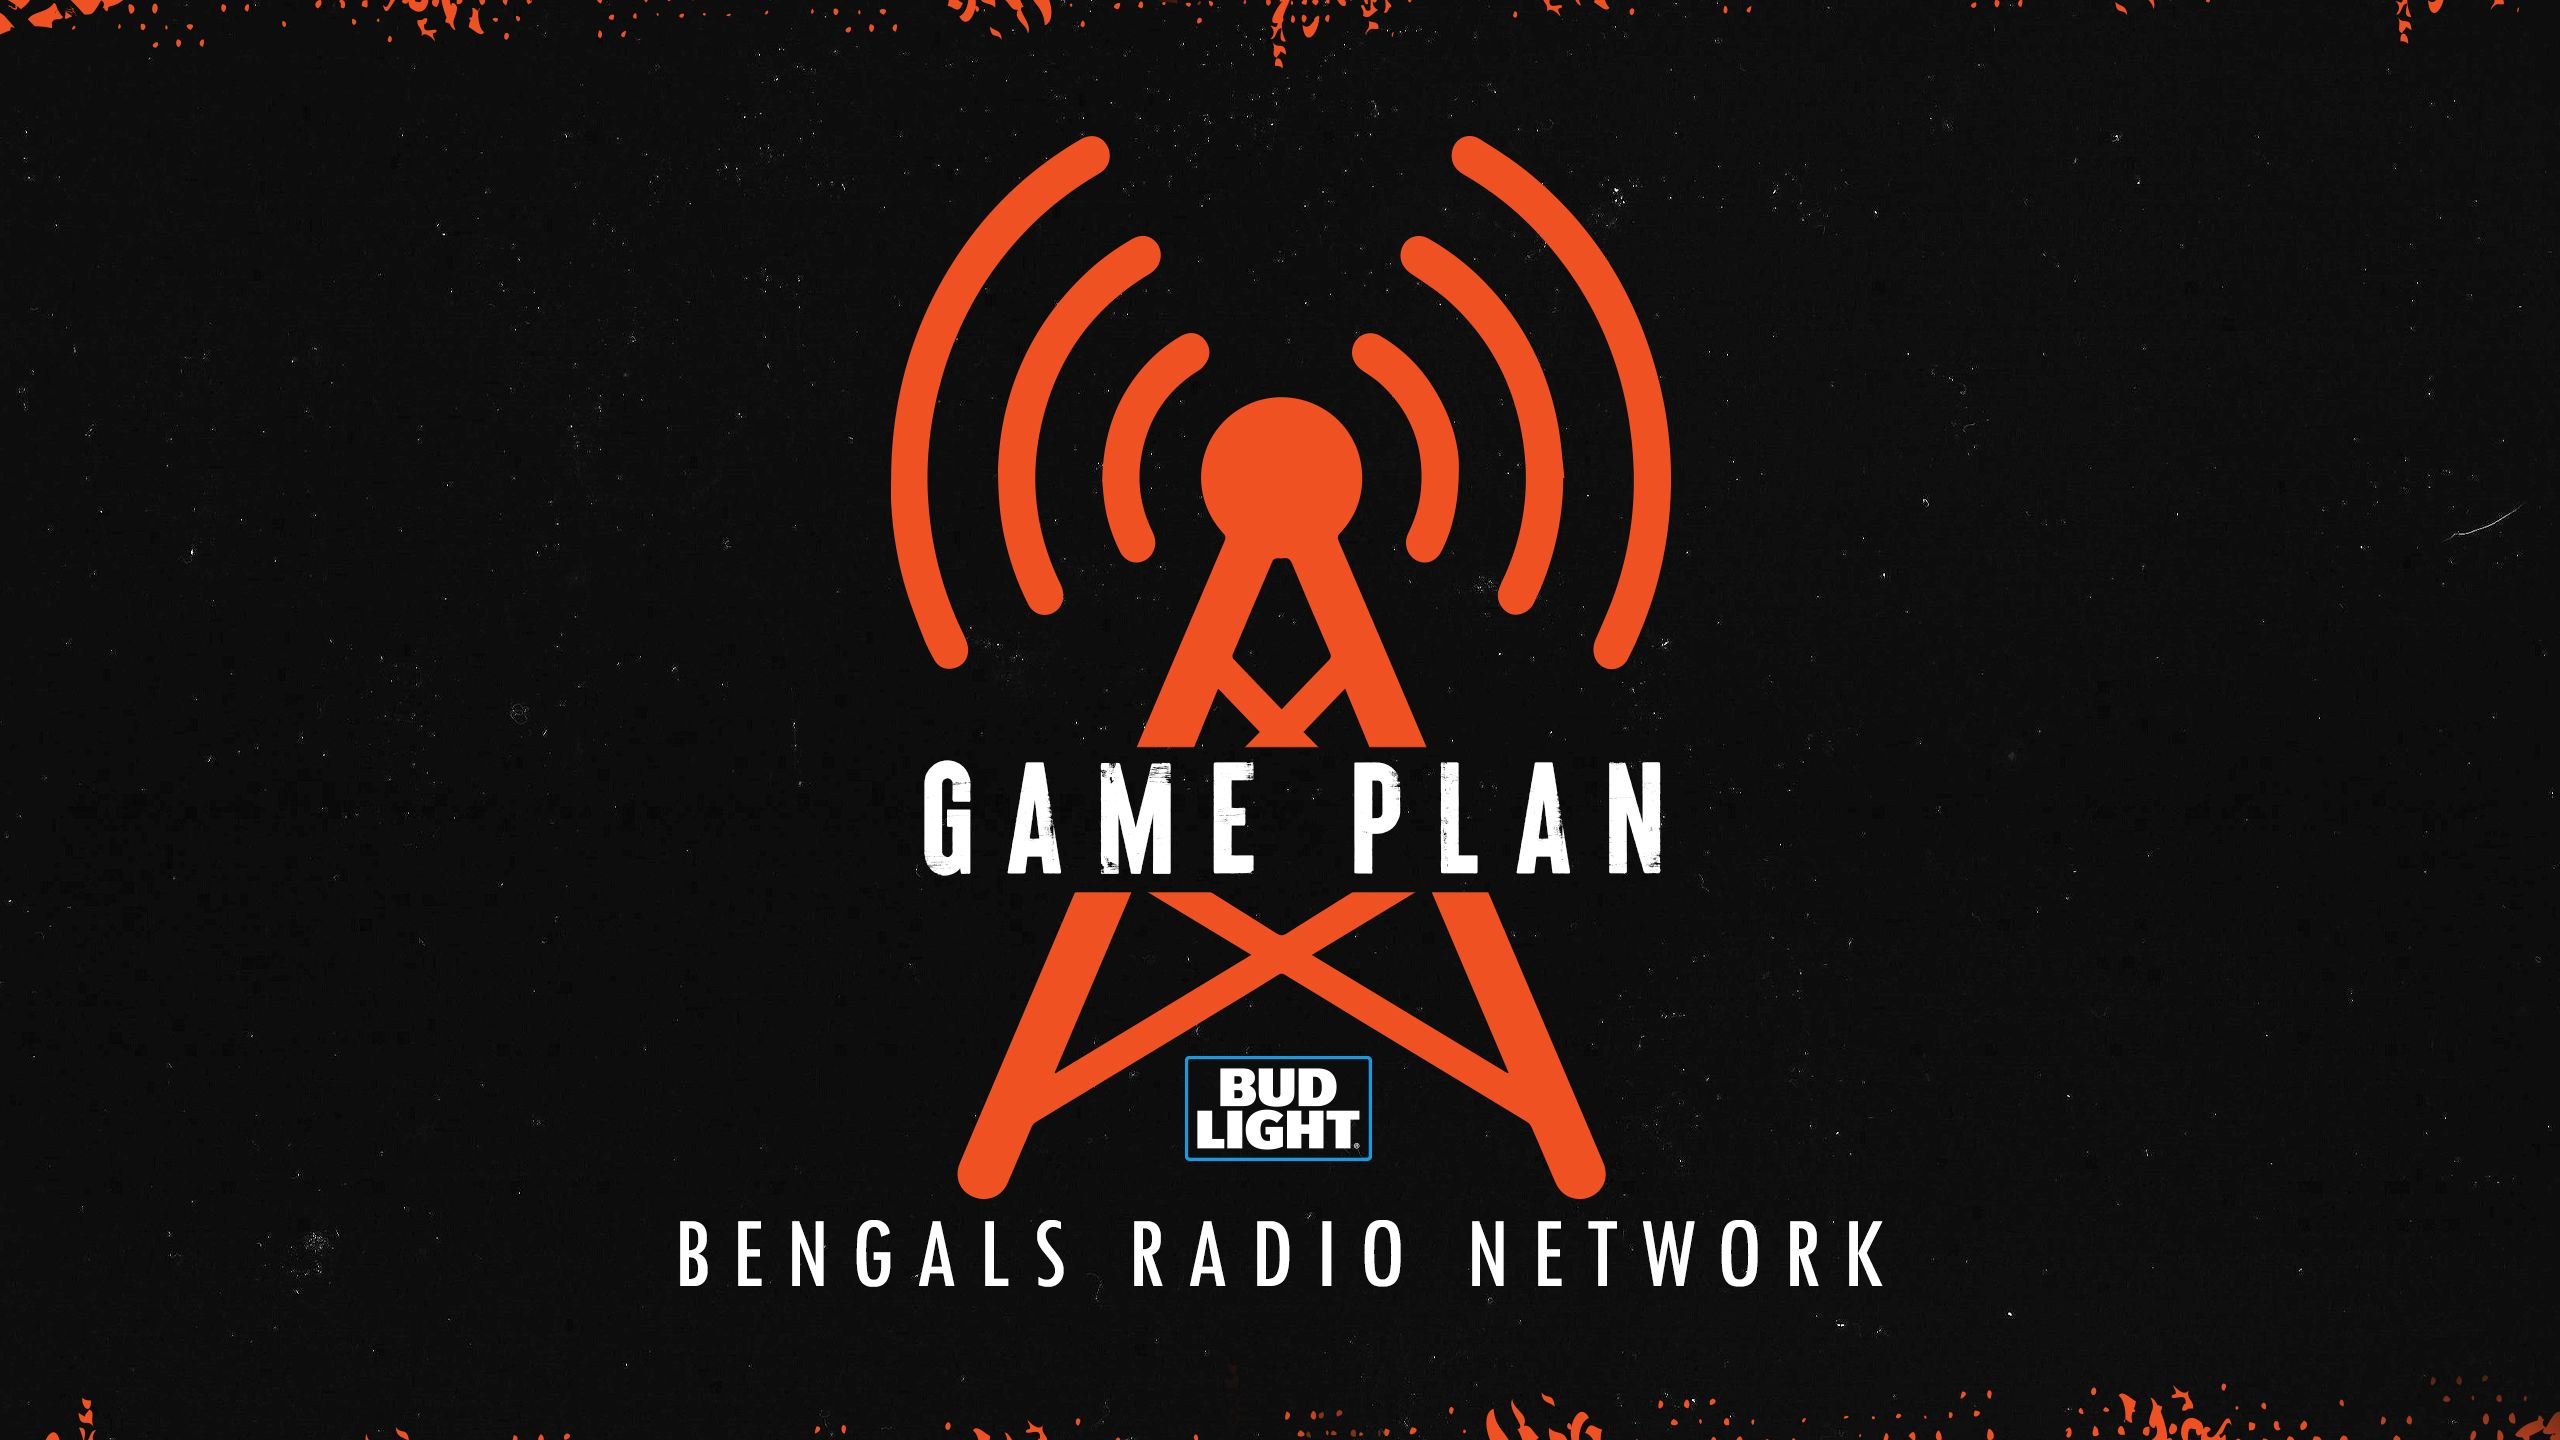 200804-bengals-gameplan